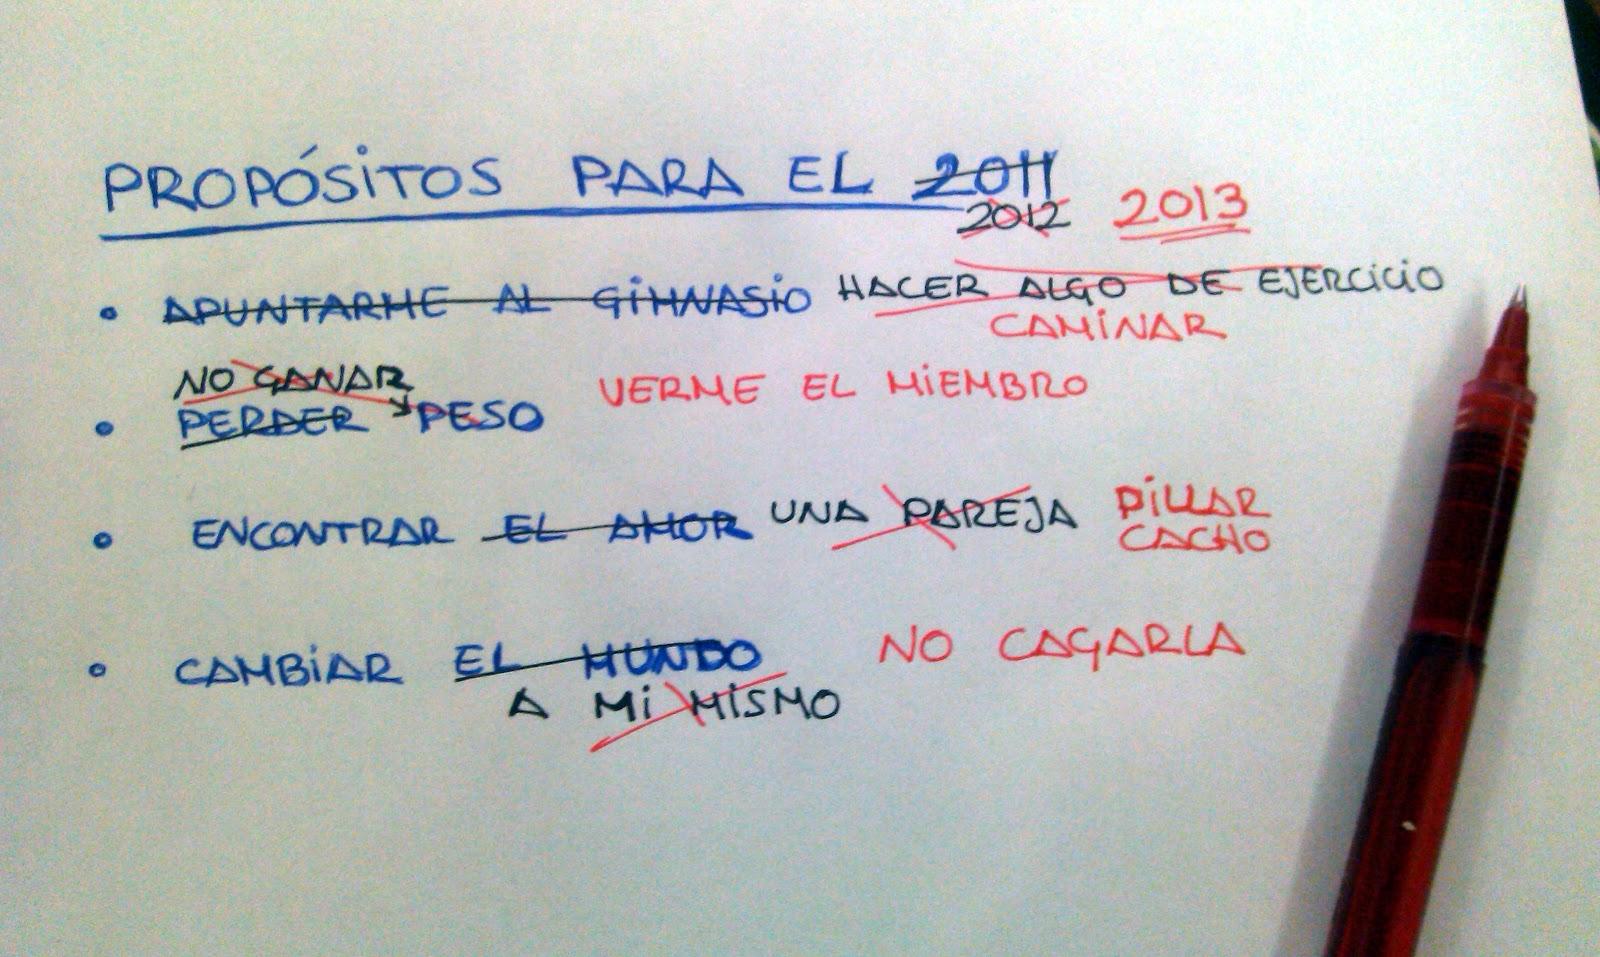 Diario de una neur tica prop sitos para el nuevo a o - Propositos de ano nuevo originales ...